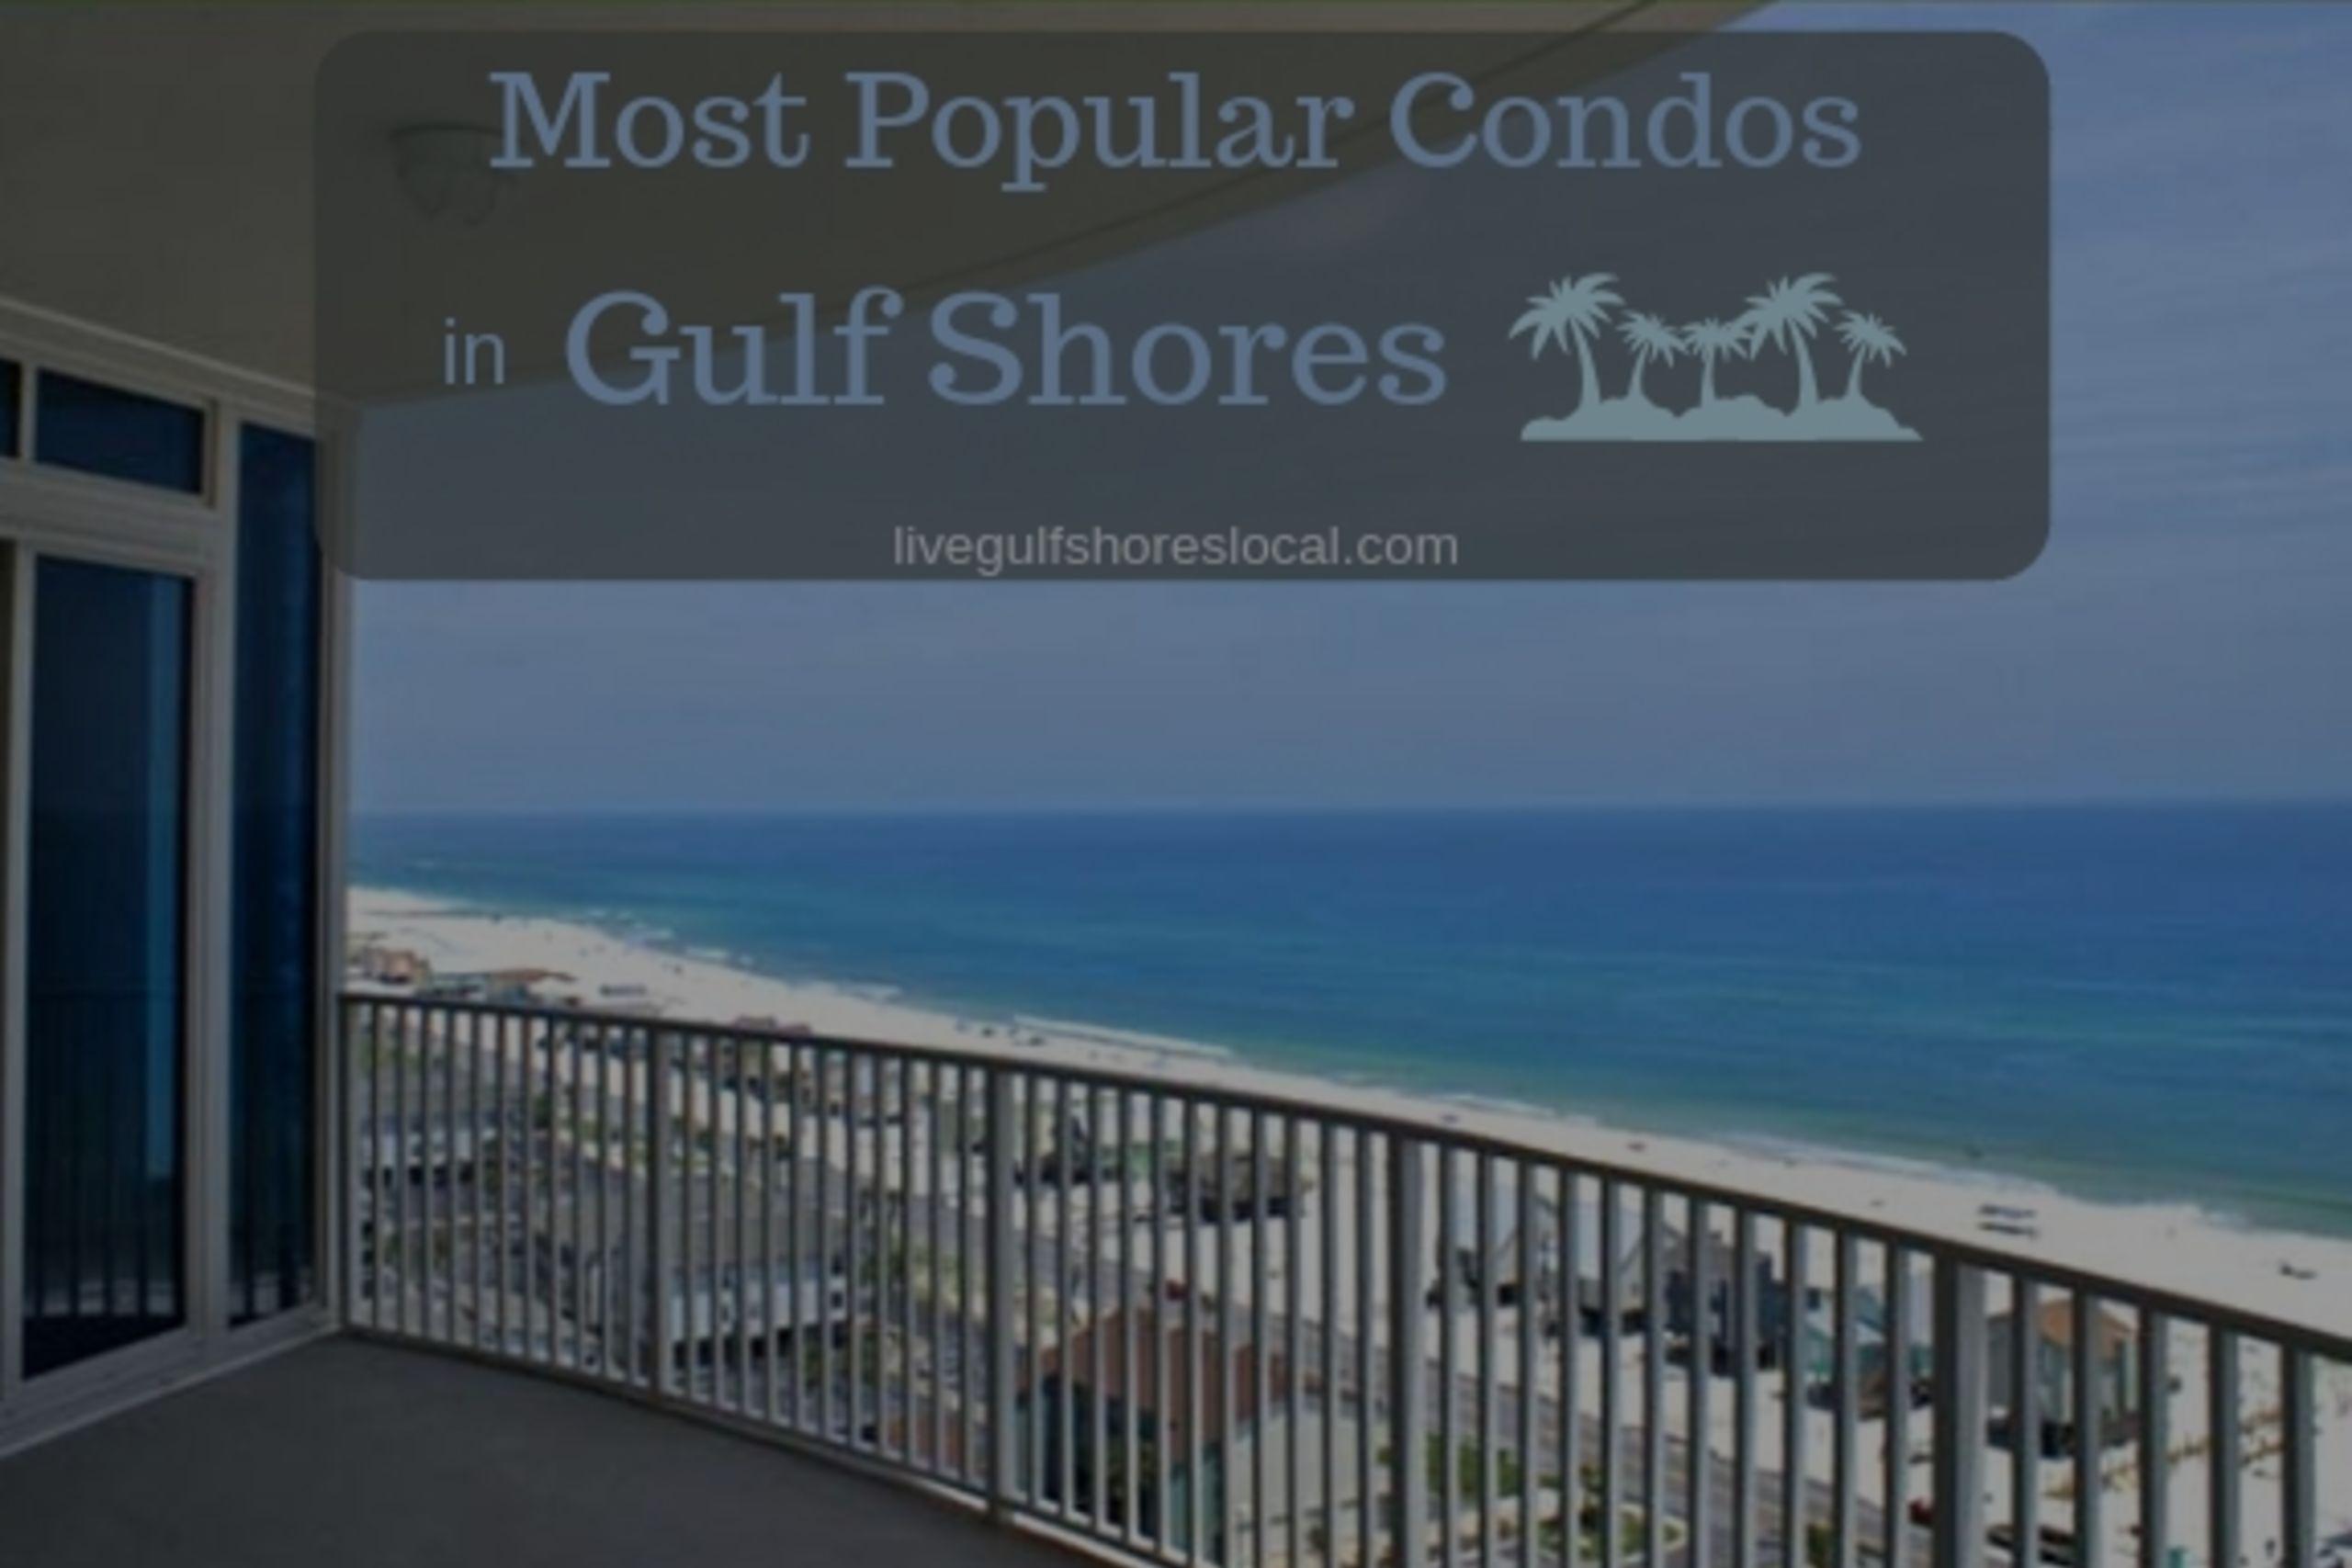 Most Popular Condos – September 2018